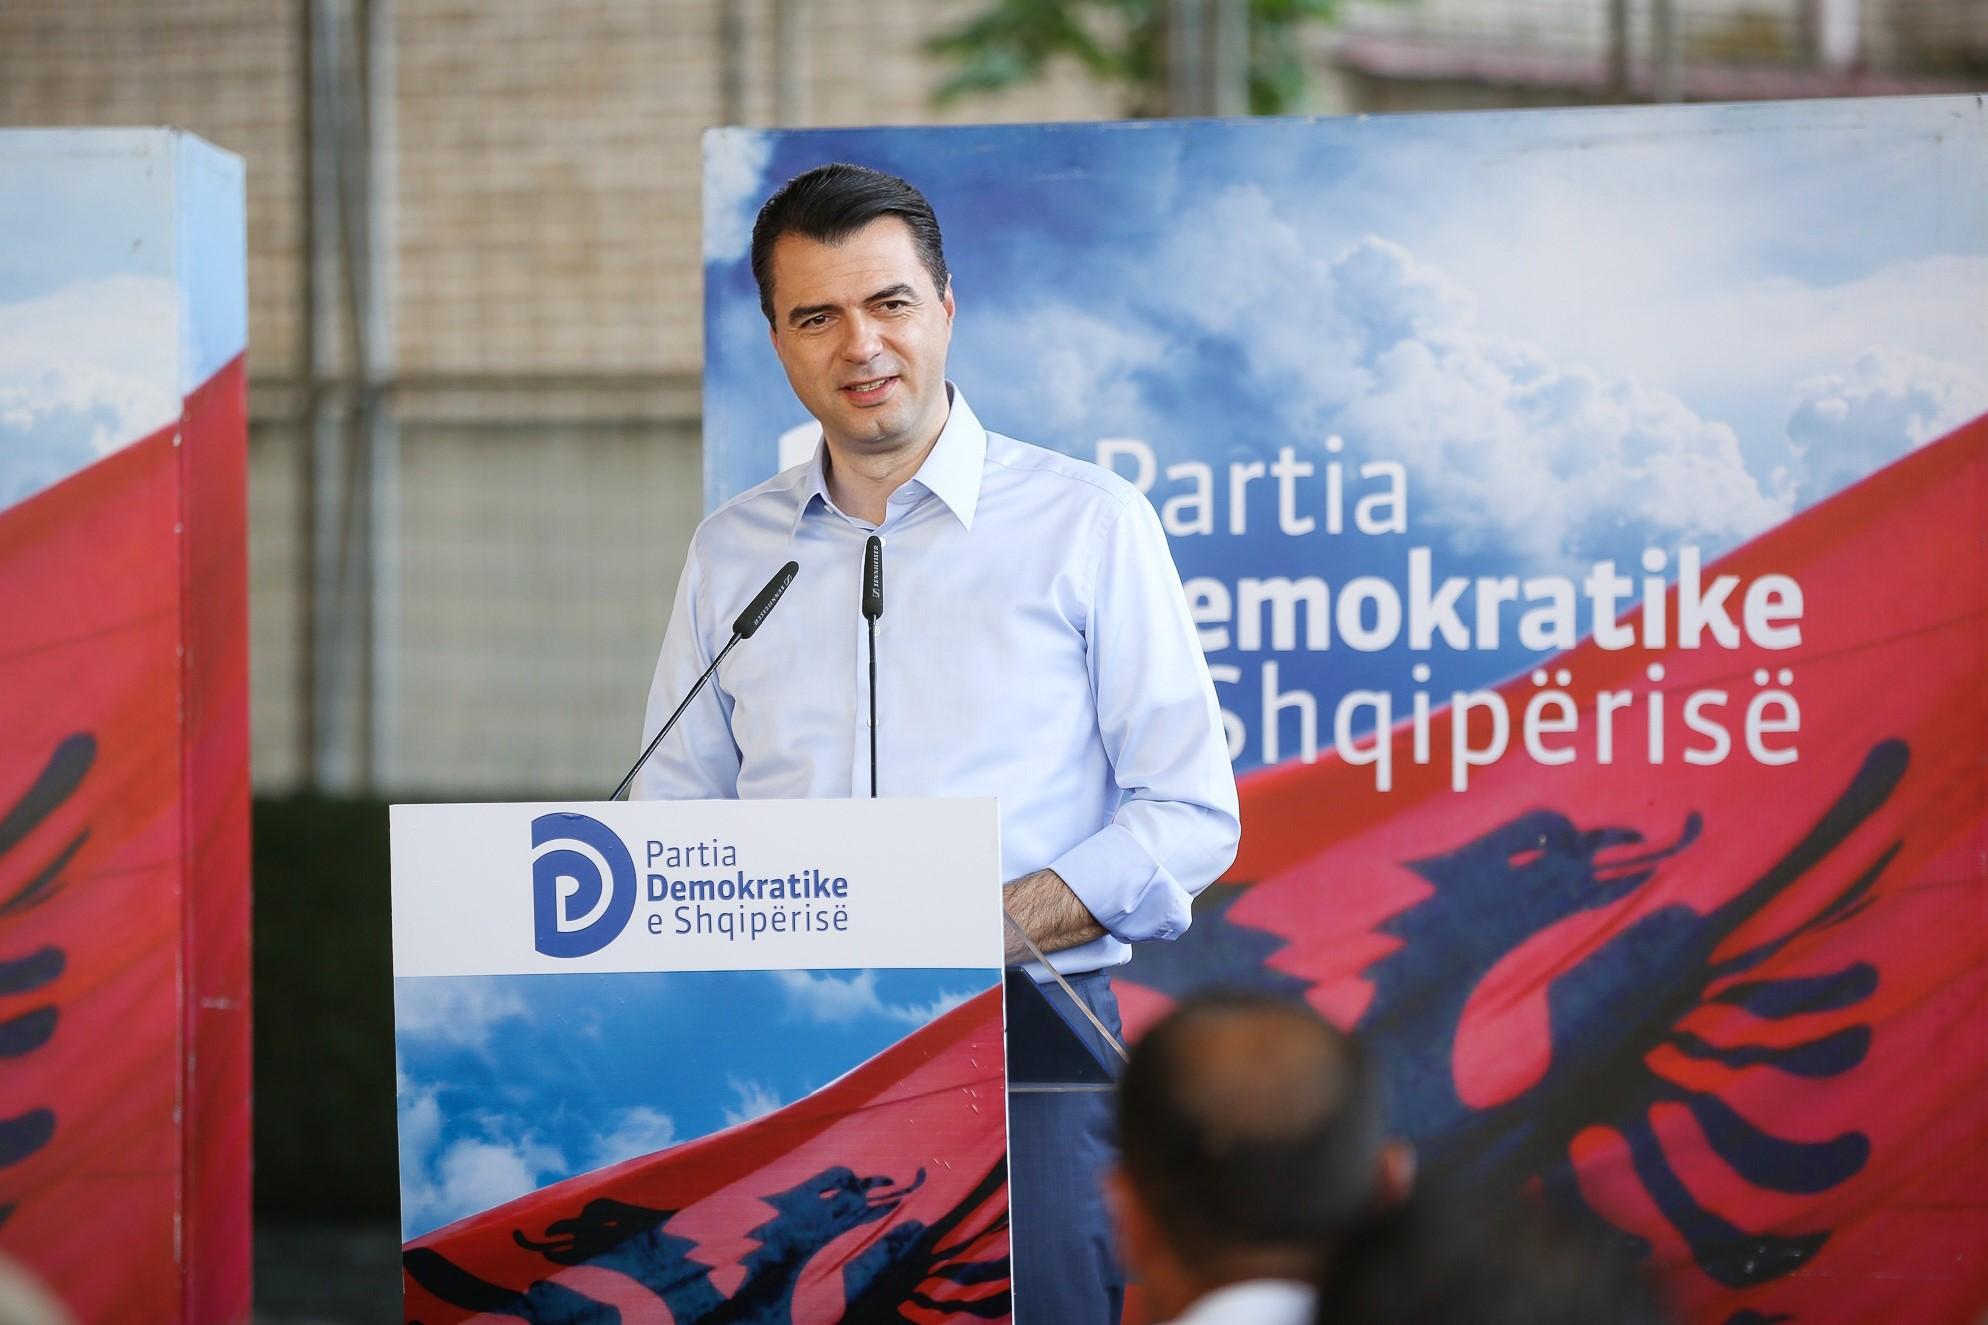 Basha nuk njeh konkurrencë! Përfundon numërimi në Tiranë, zbuloni shifrat mes demokratëve